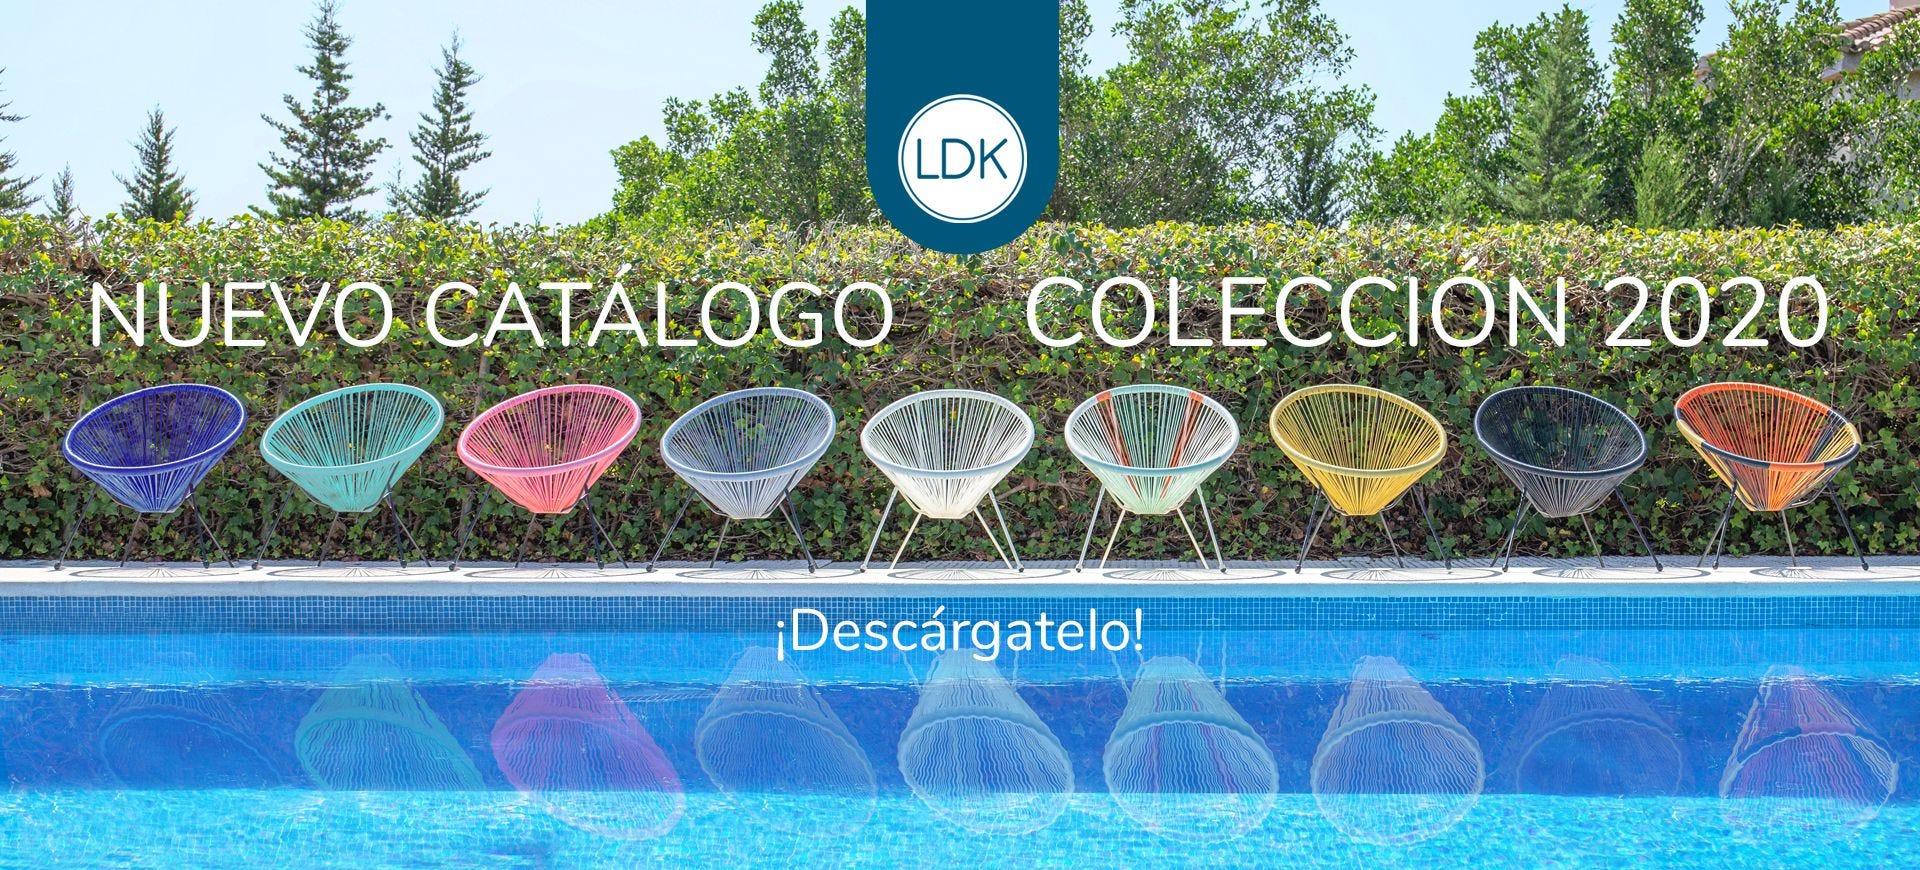 Nuevo catálogo 2020 | LDK Garden